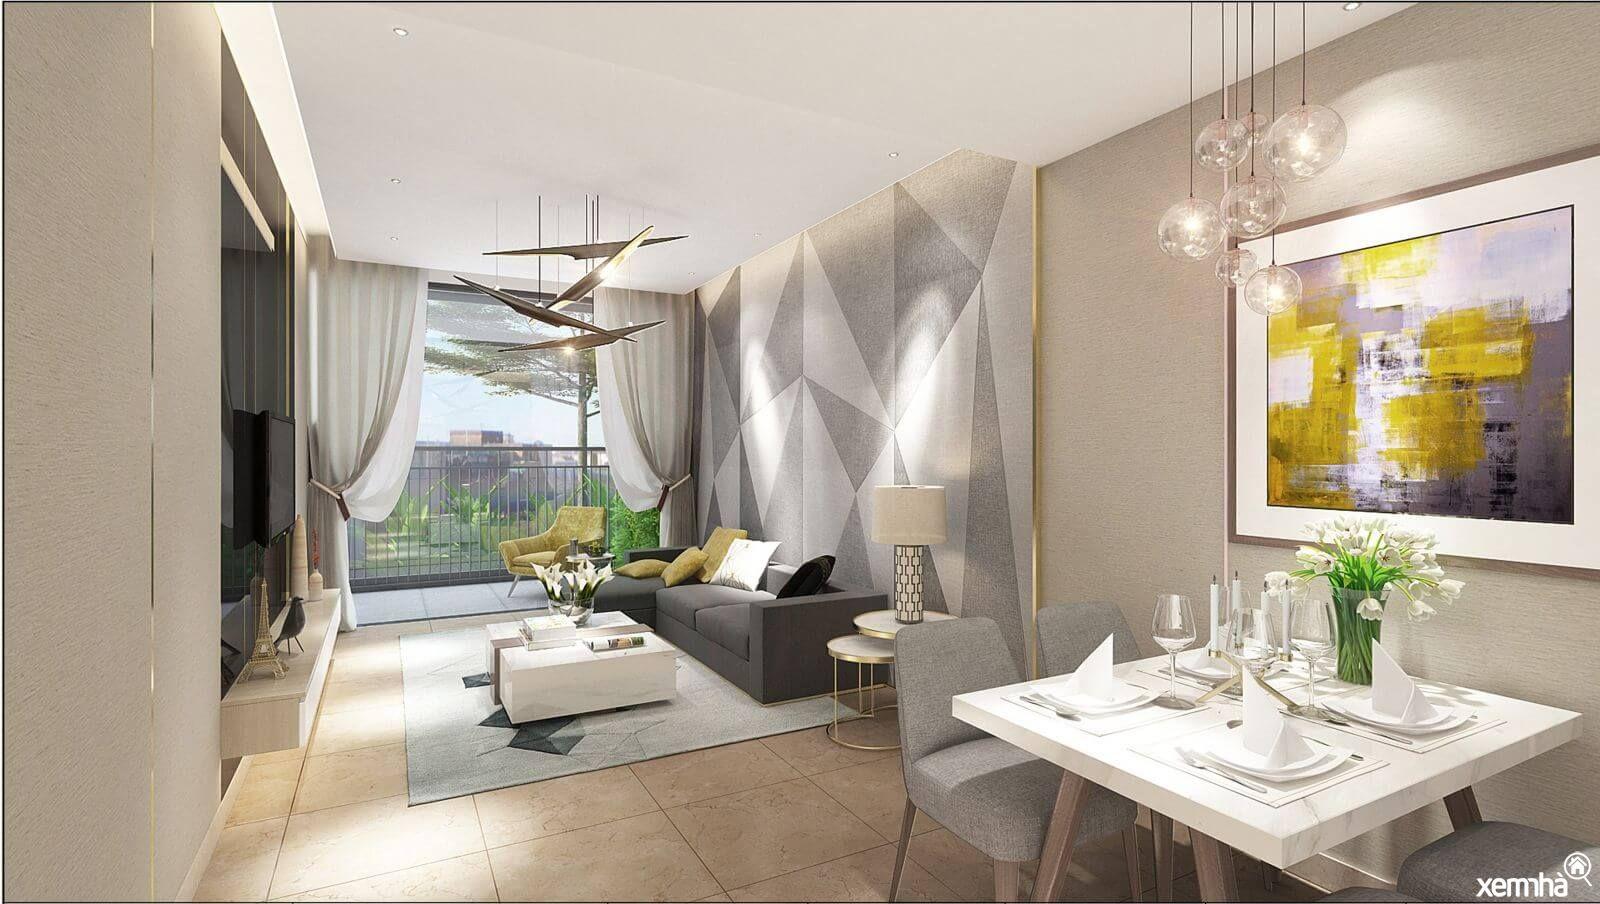 Tiêu chí lựa chọn mua căn hộ chung cư